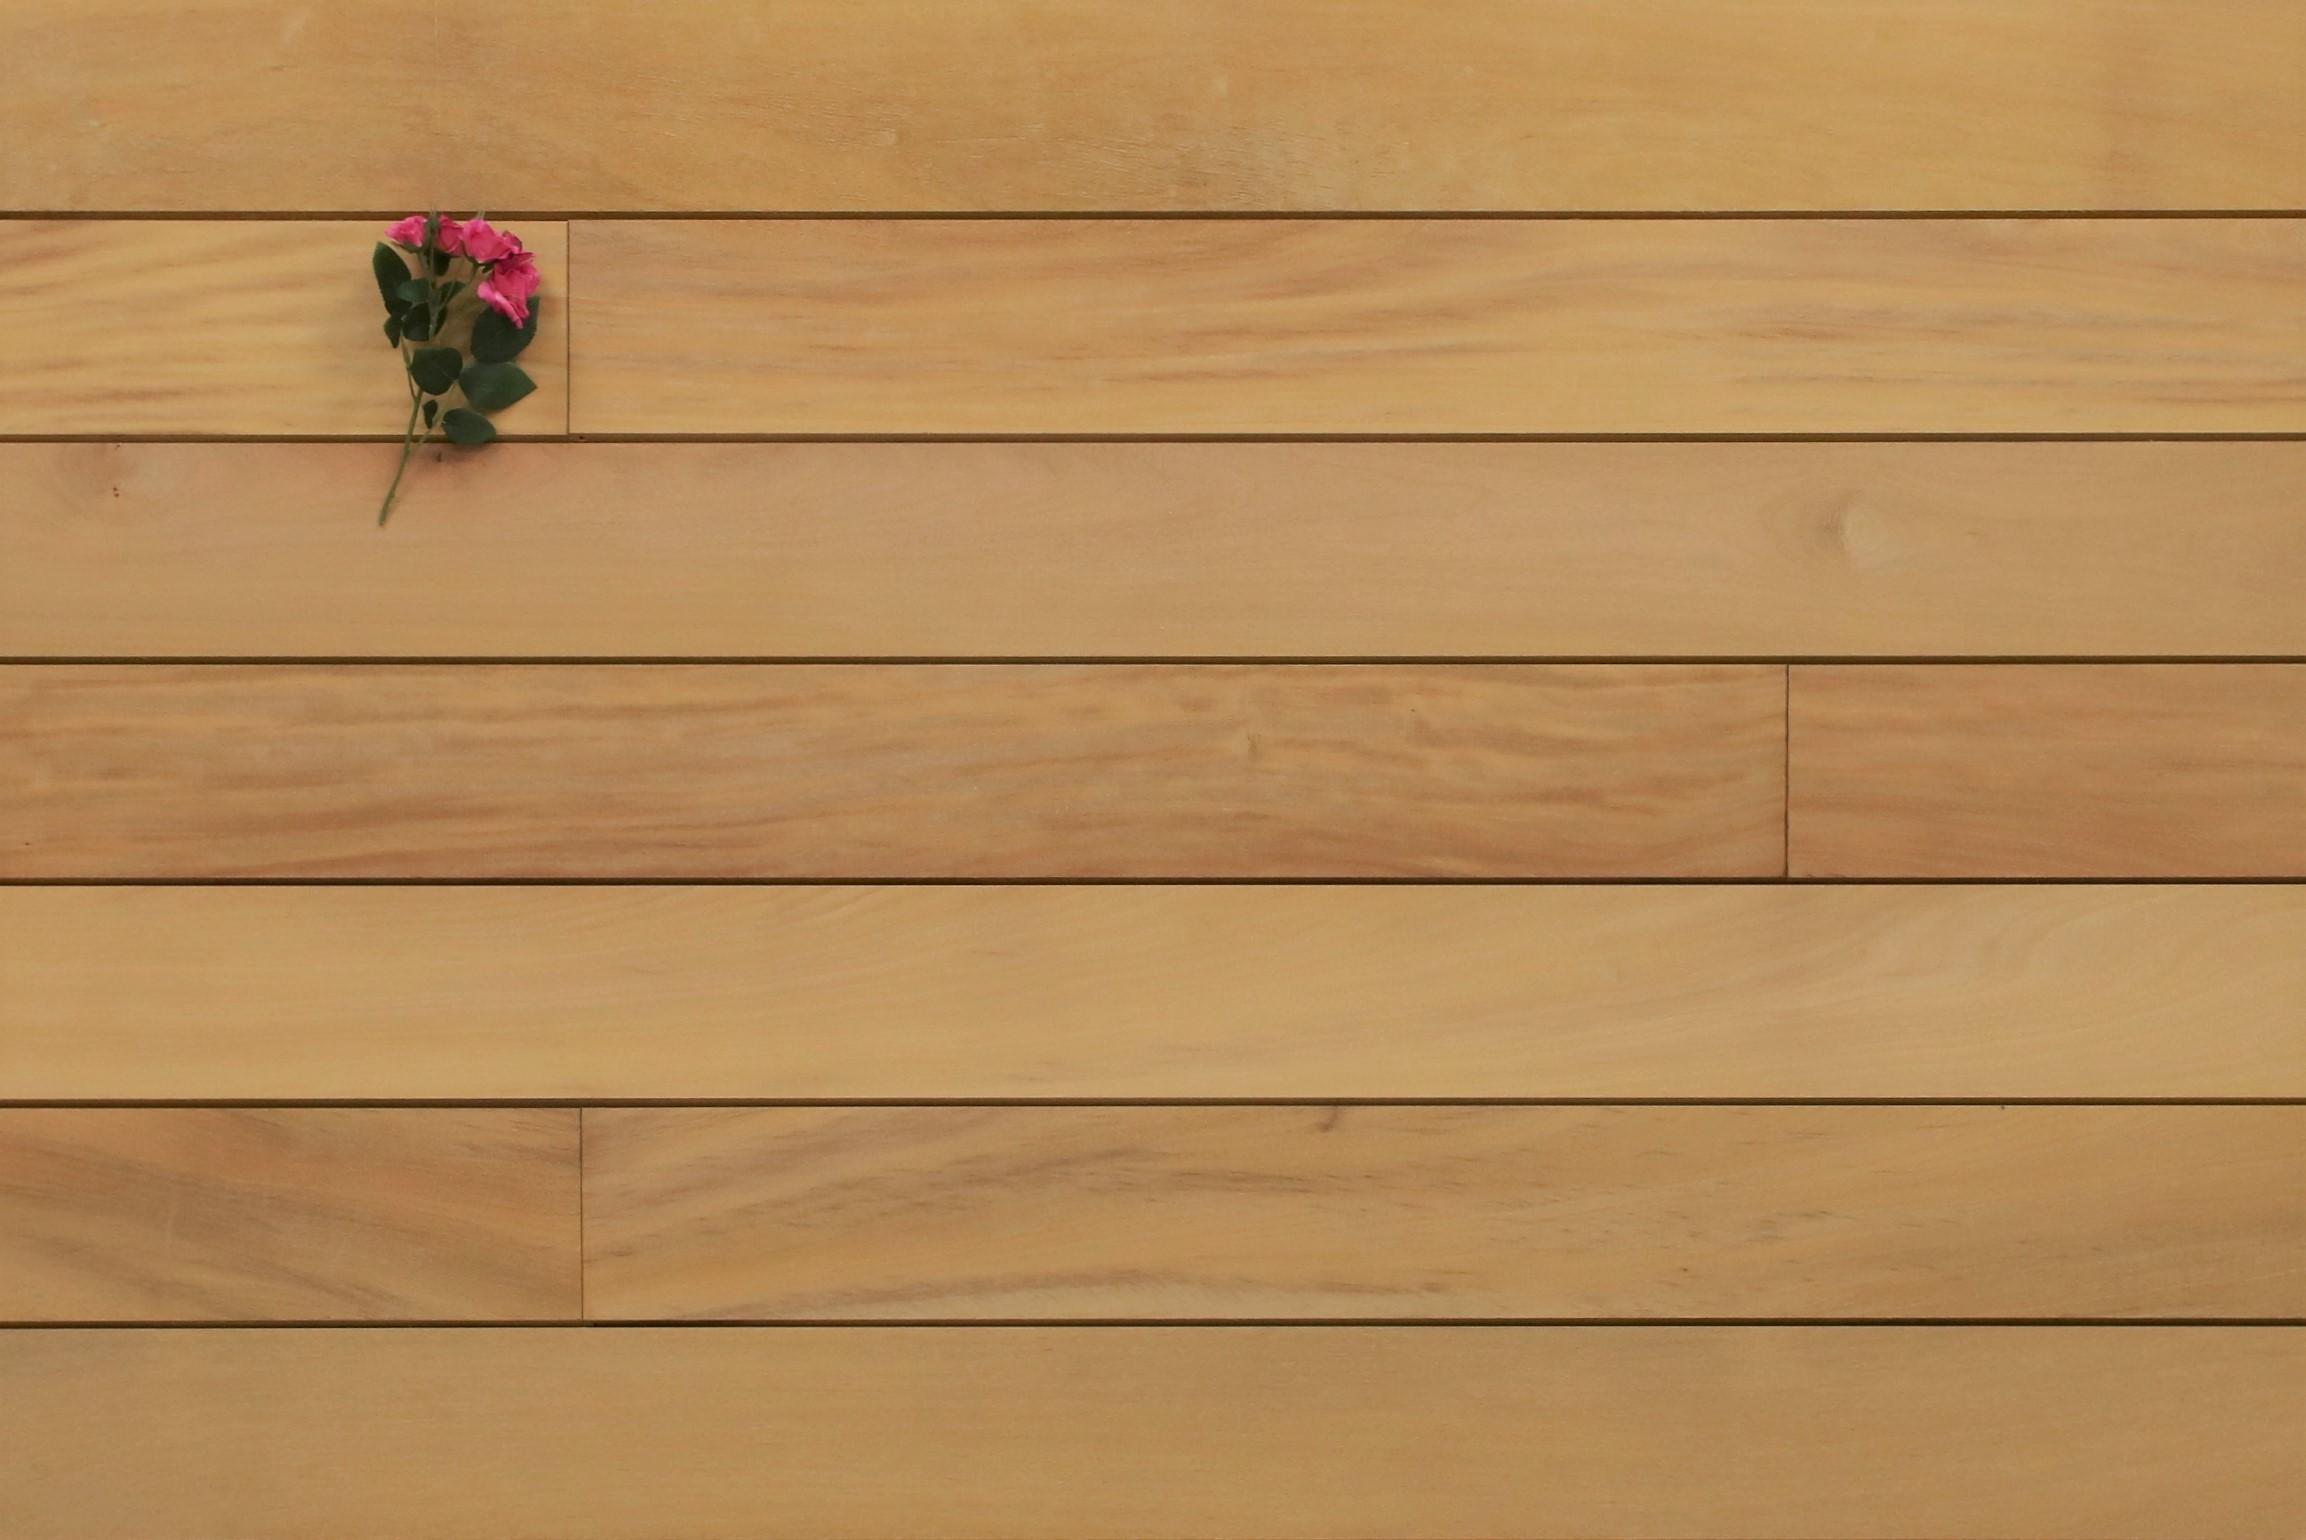 Holzterrasse Garapa, glatt, mit Wechselfalz und stirnseitig Nut / Feder Verbindung, 21 x 125 bis 2750 mm Dielen, Premium (KD) Holz Bretter für die Terrasse, 8,90 €/lfm